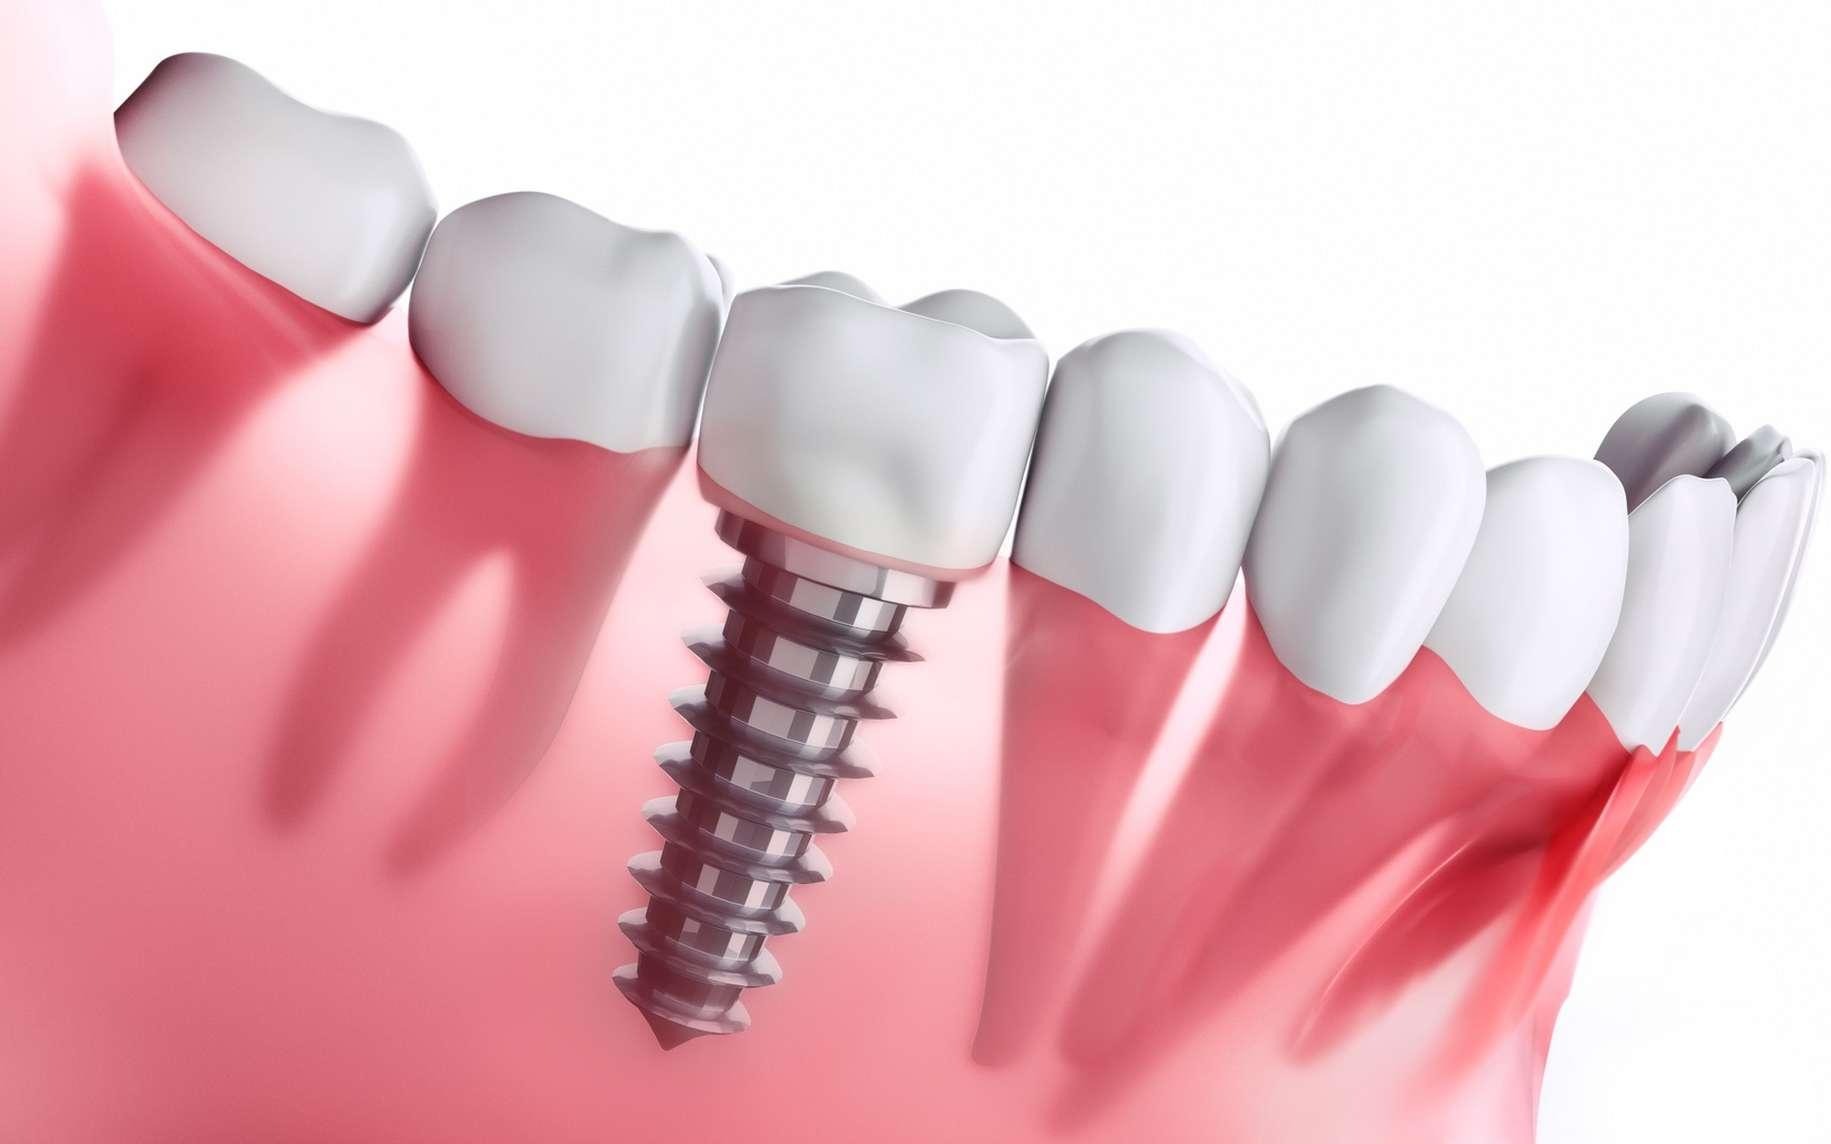 Implant dentaire : Pourquoi prendre un implant dentaire ?